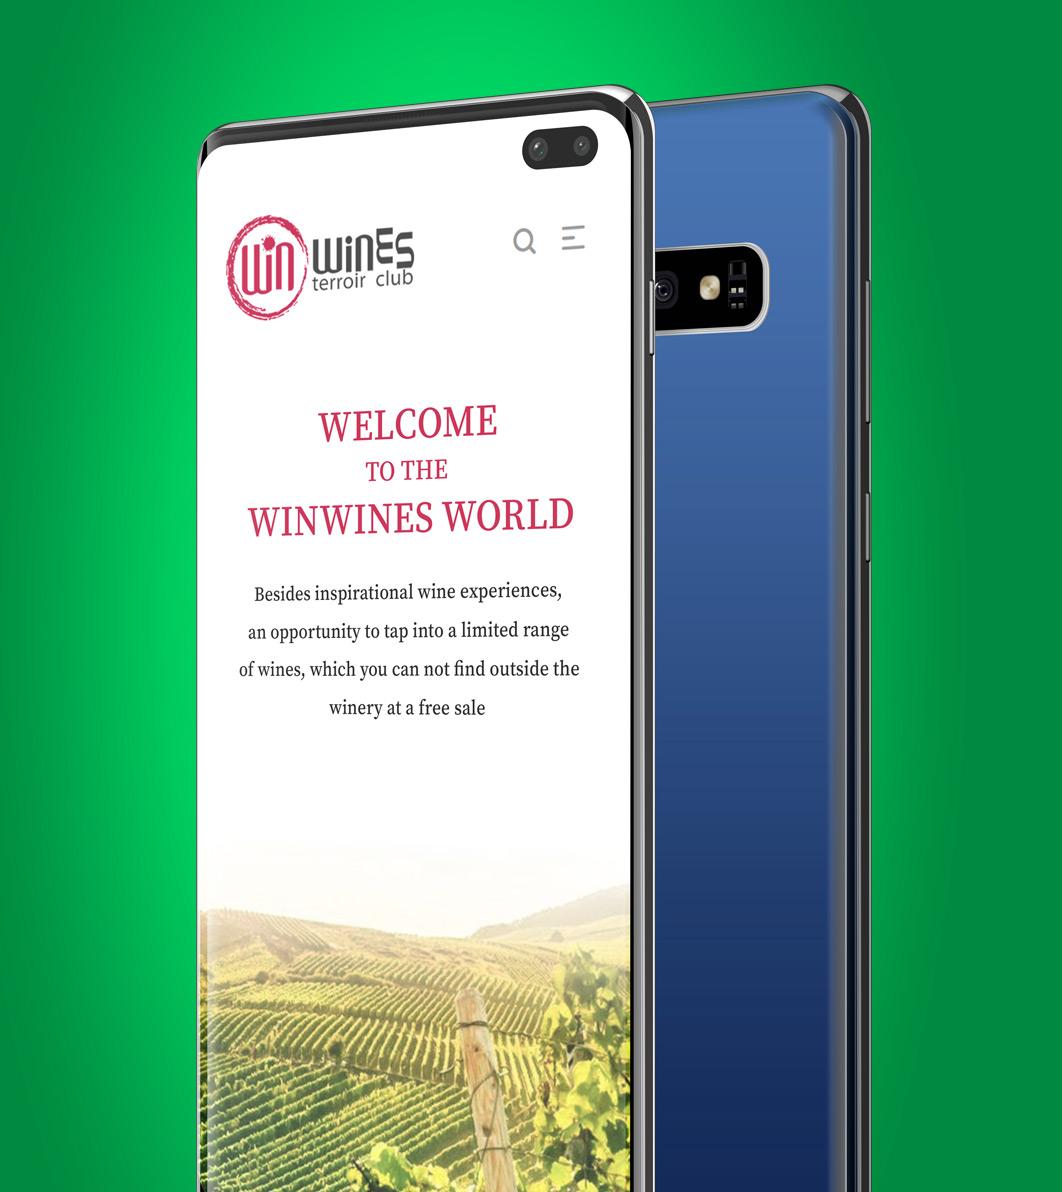 Начална страница на онлайн магазин WinWines